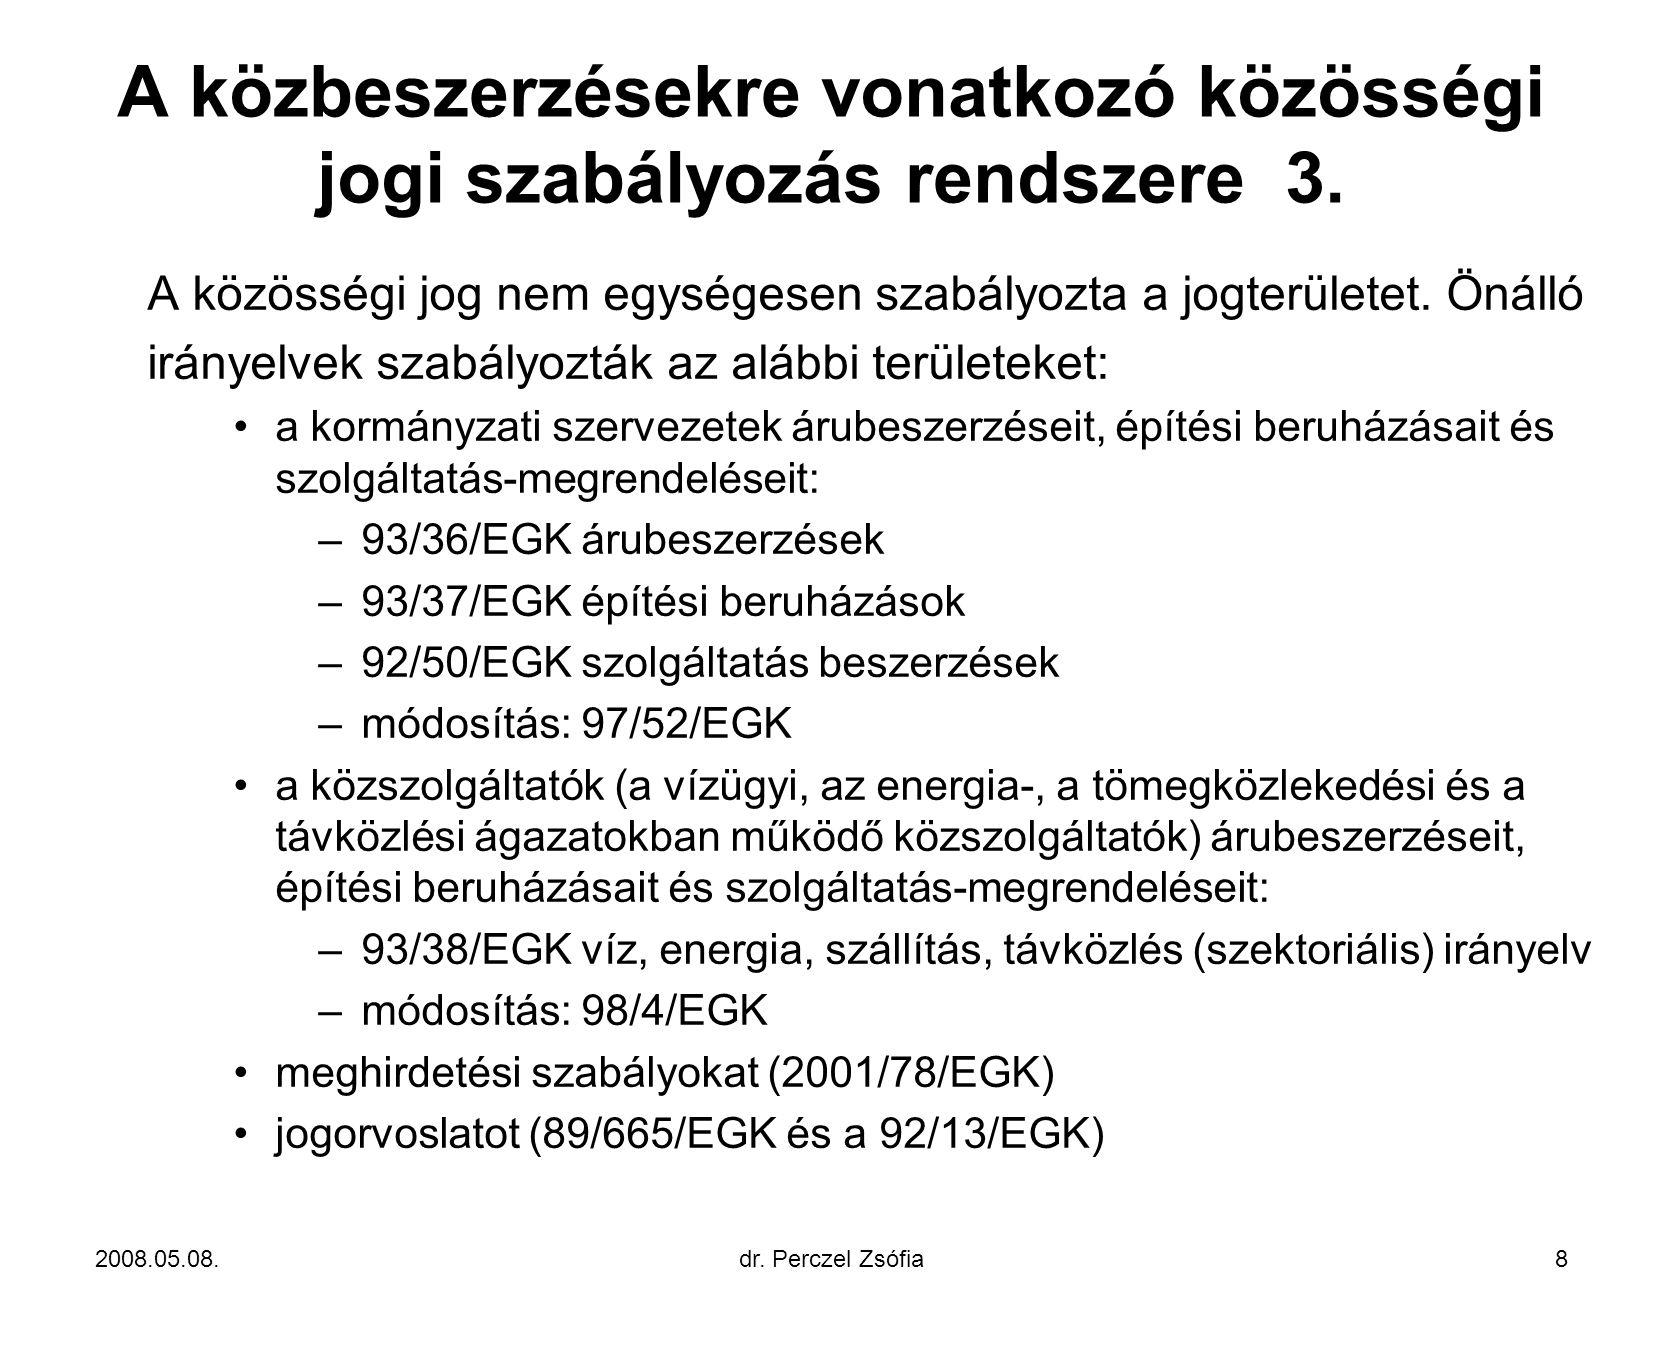 A közbeszerzésekre vonatkozó közösségi jogi szabályozás rendszere 3.